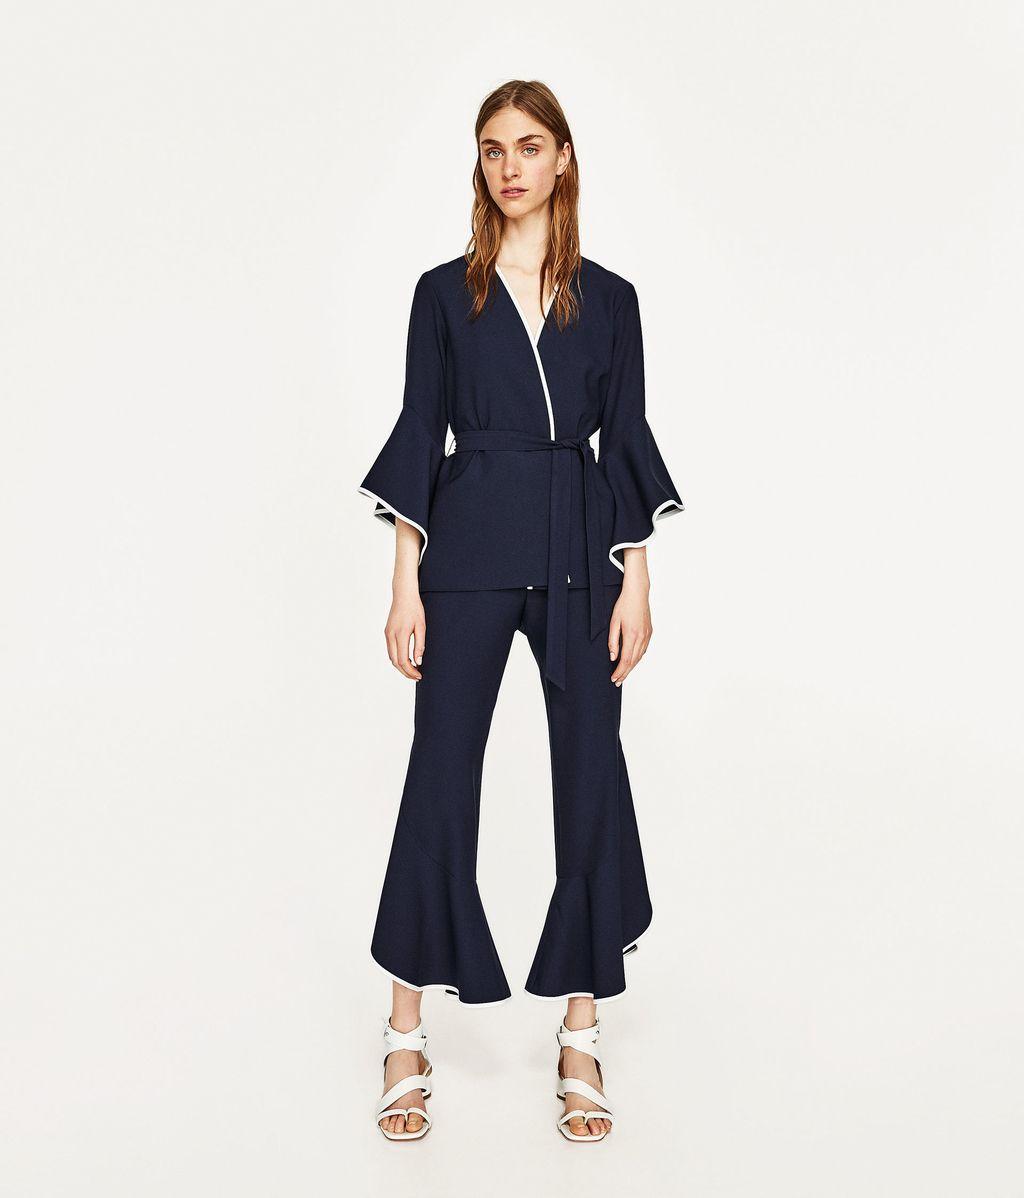 Chaqueta y pantalón con volante de Zara